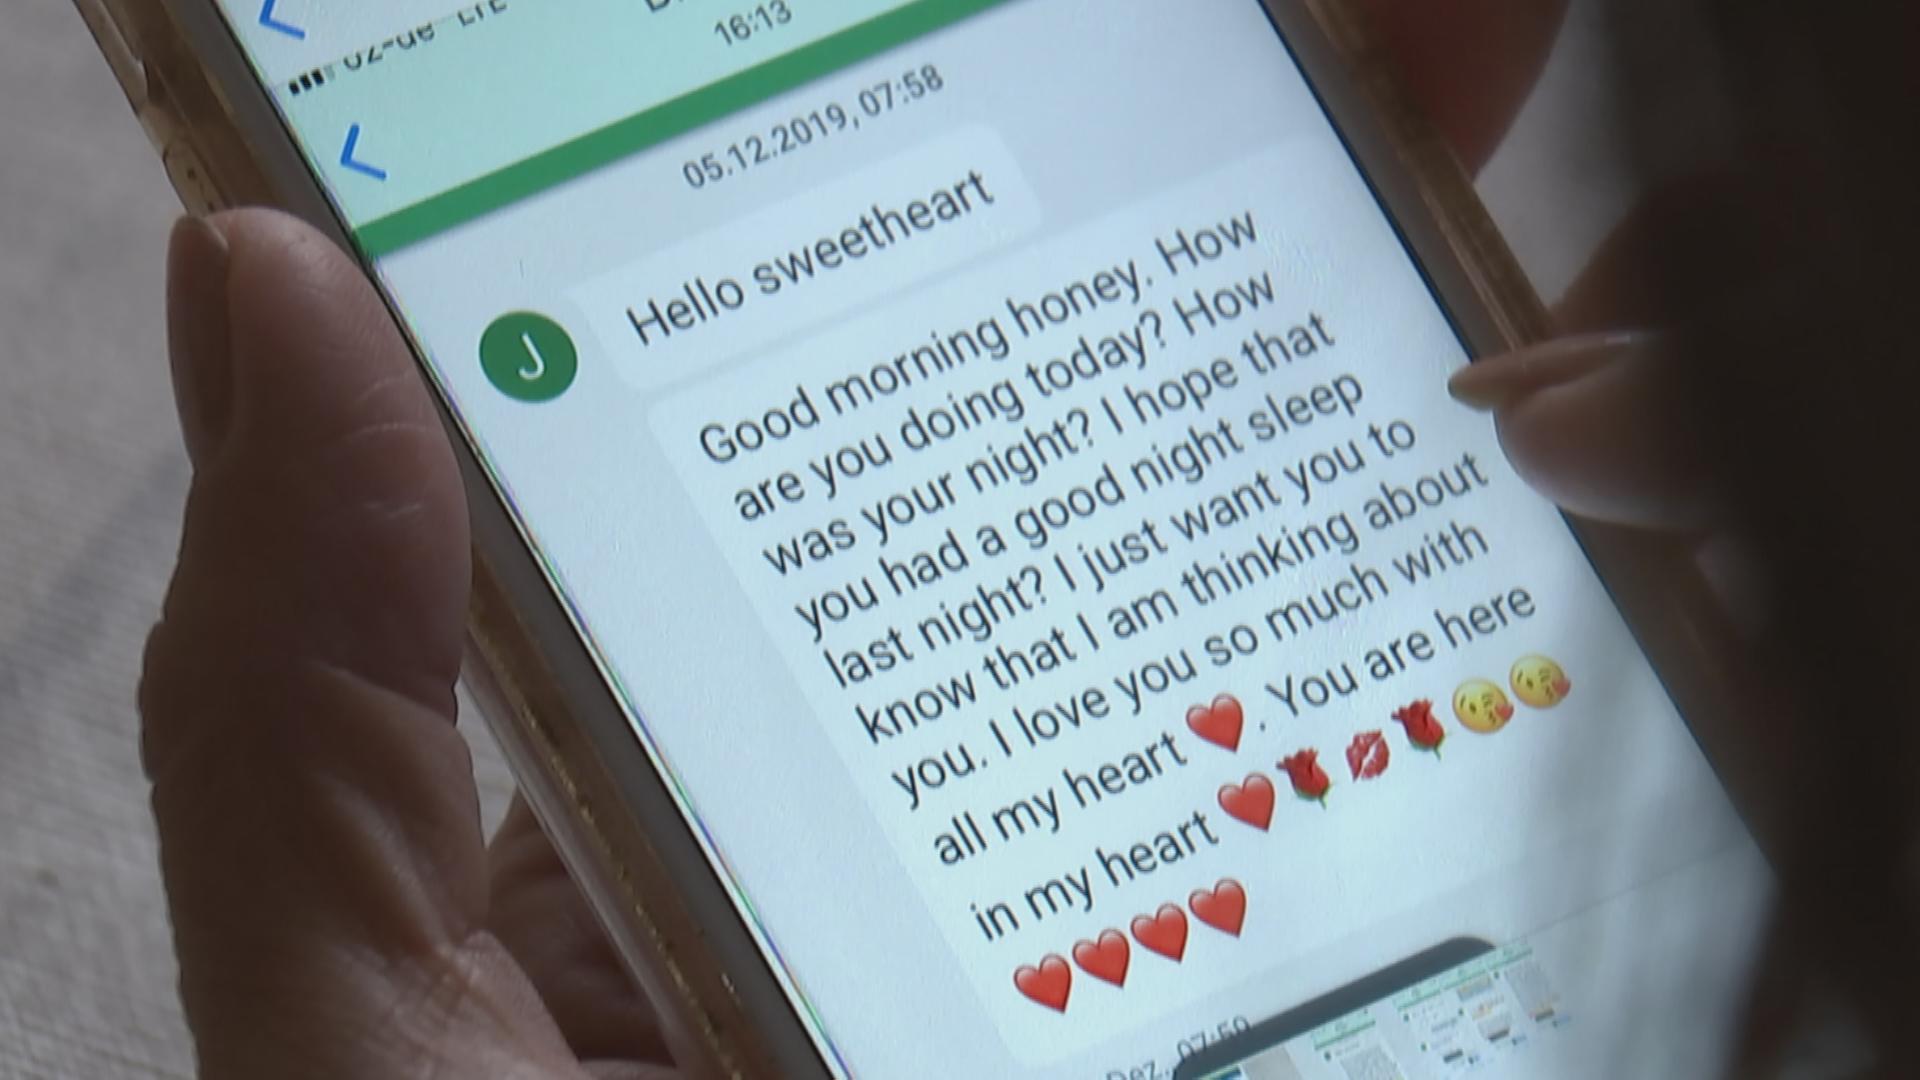 Bilder romance scammer pictures most